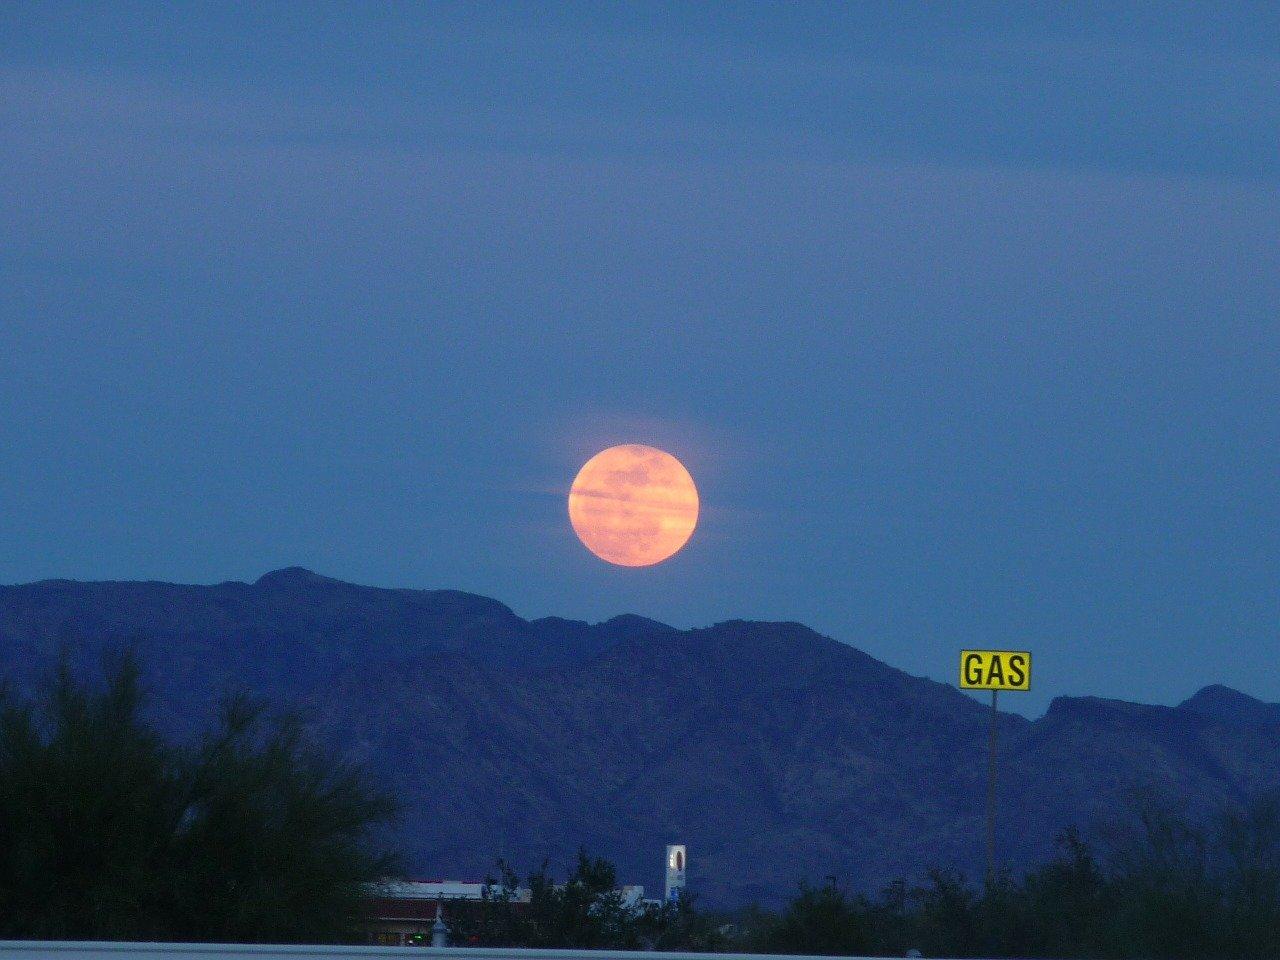 El Eclipse Lunar en directo a través de Internet 1